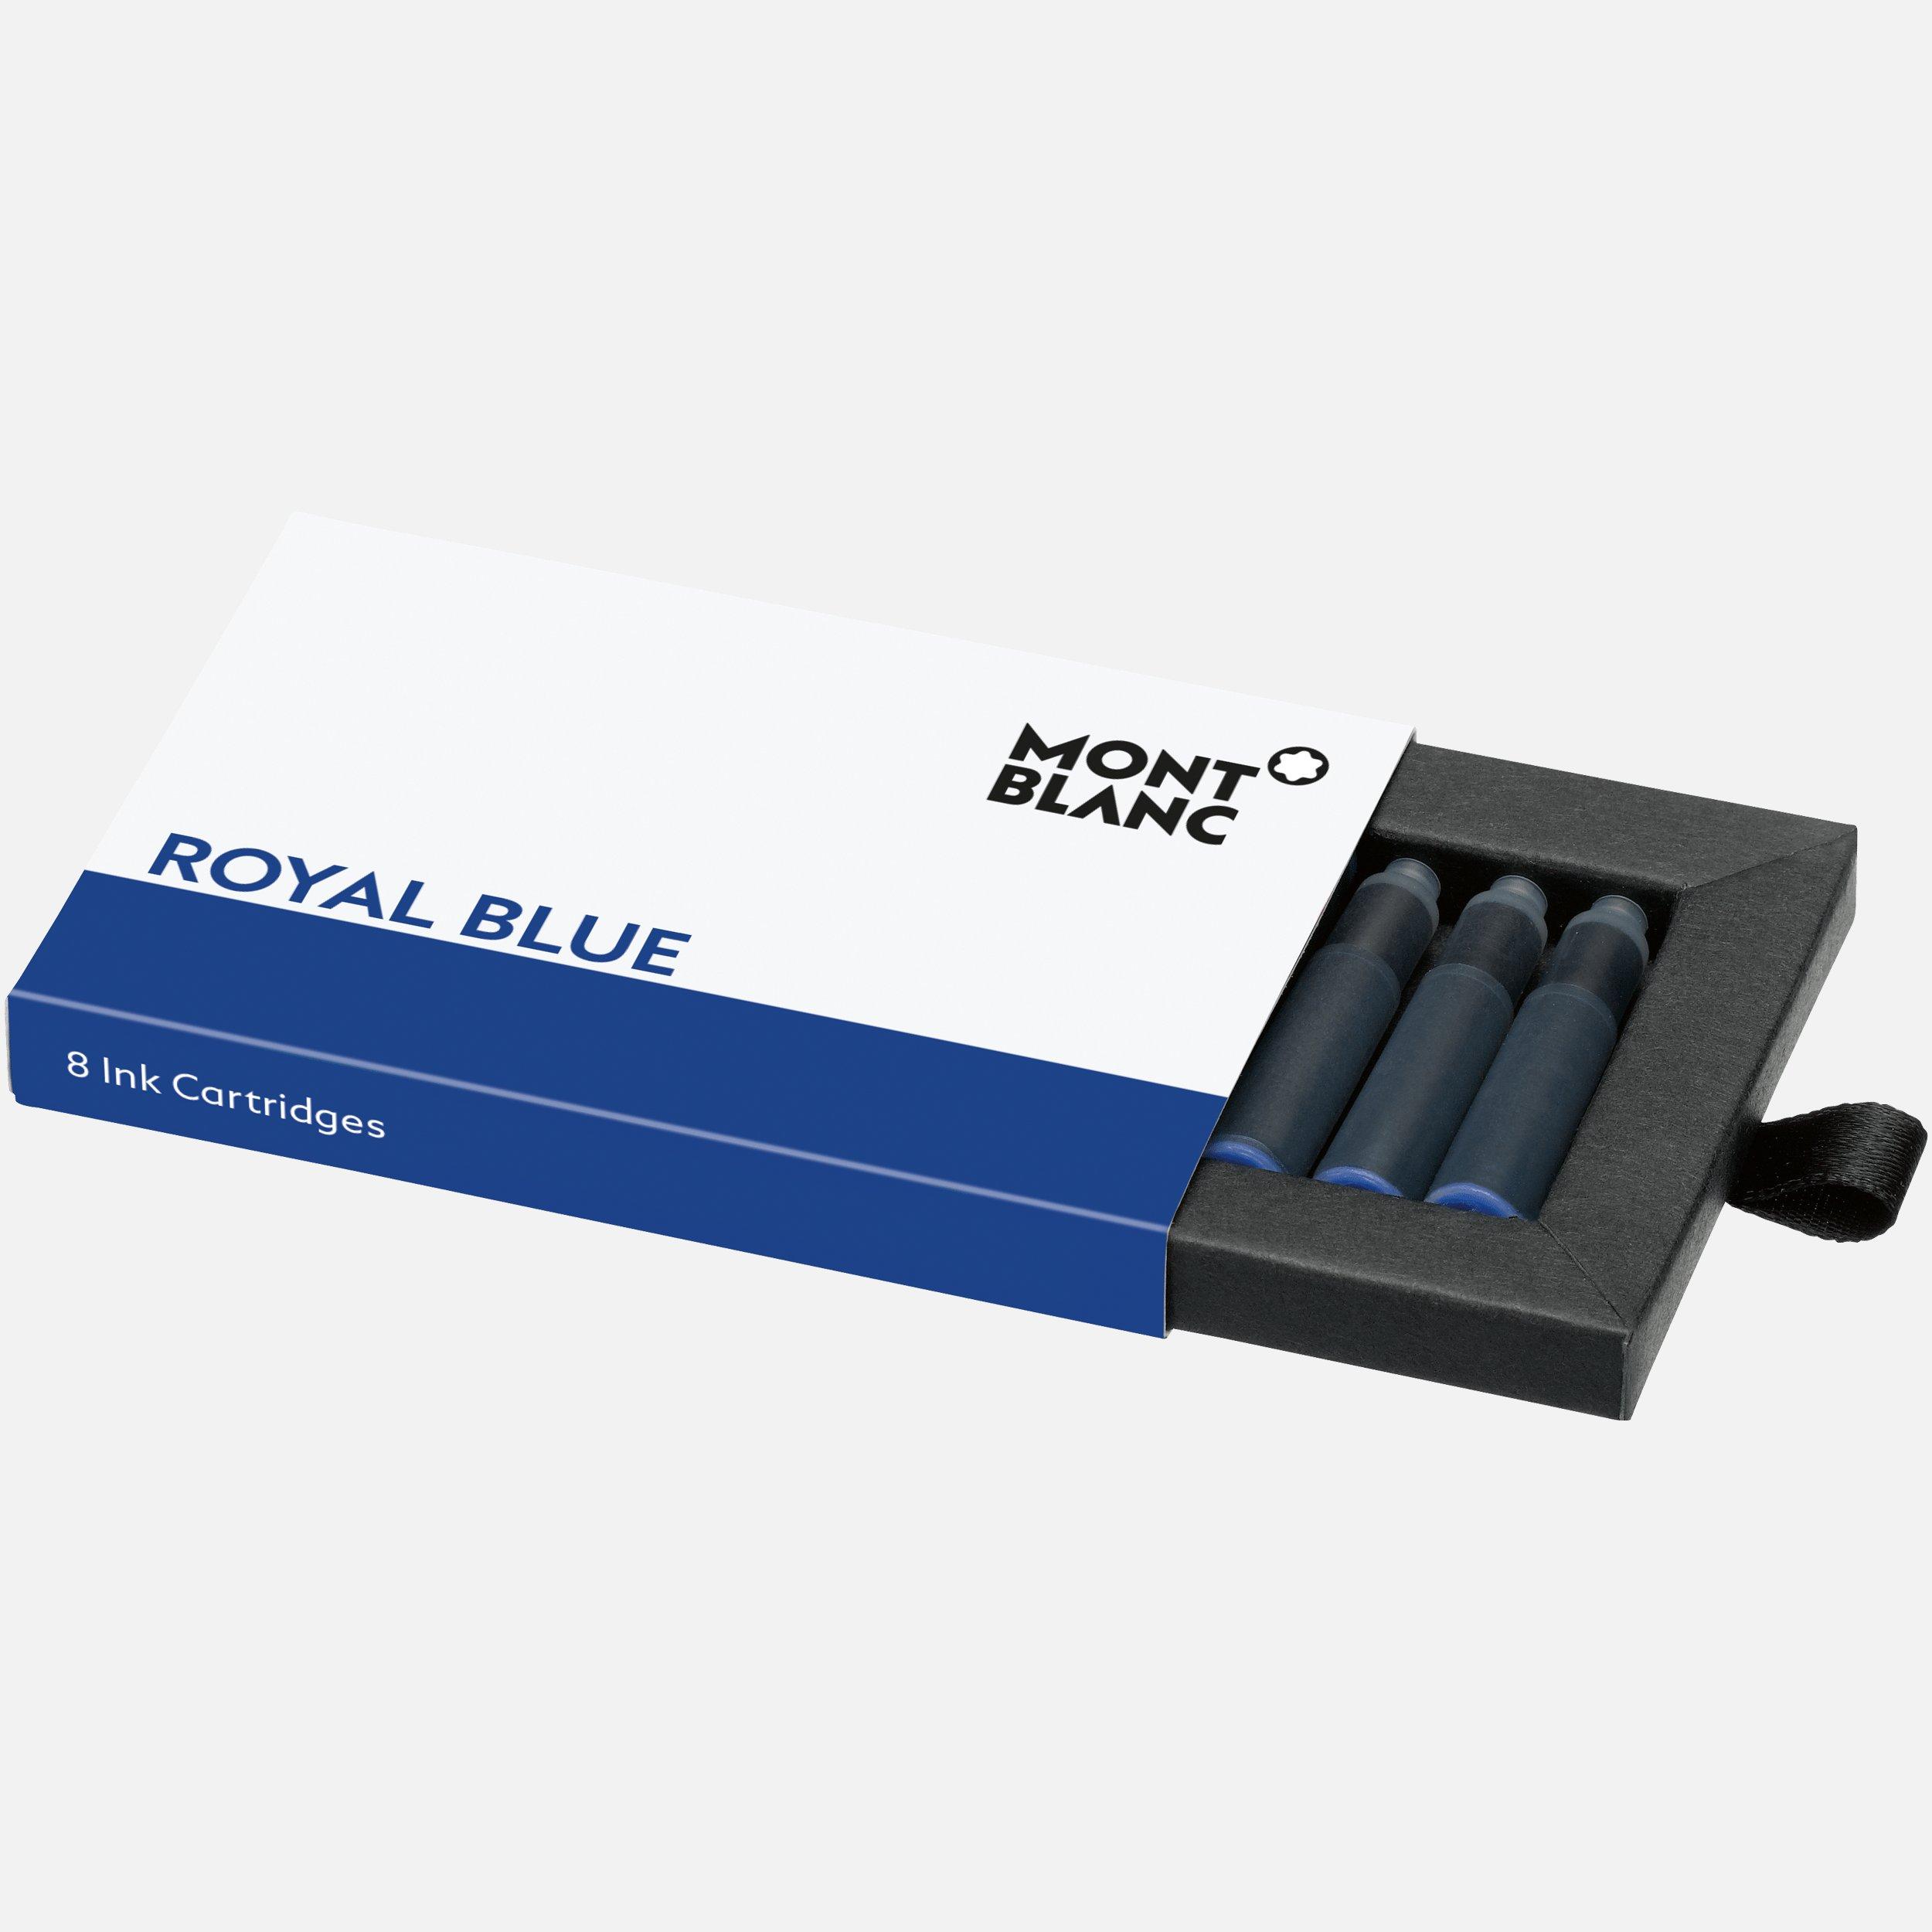 Cartouches d'encre, Royal Blue, Montblanc